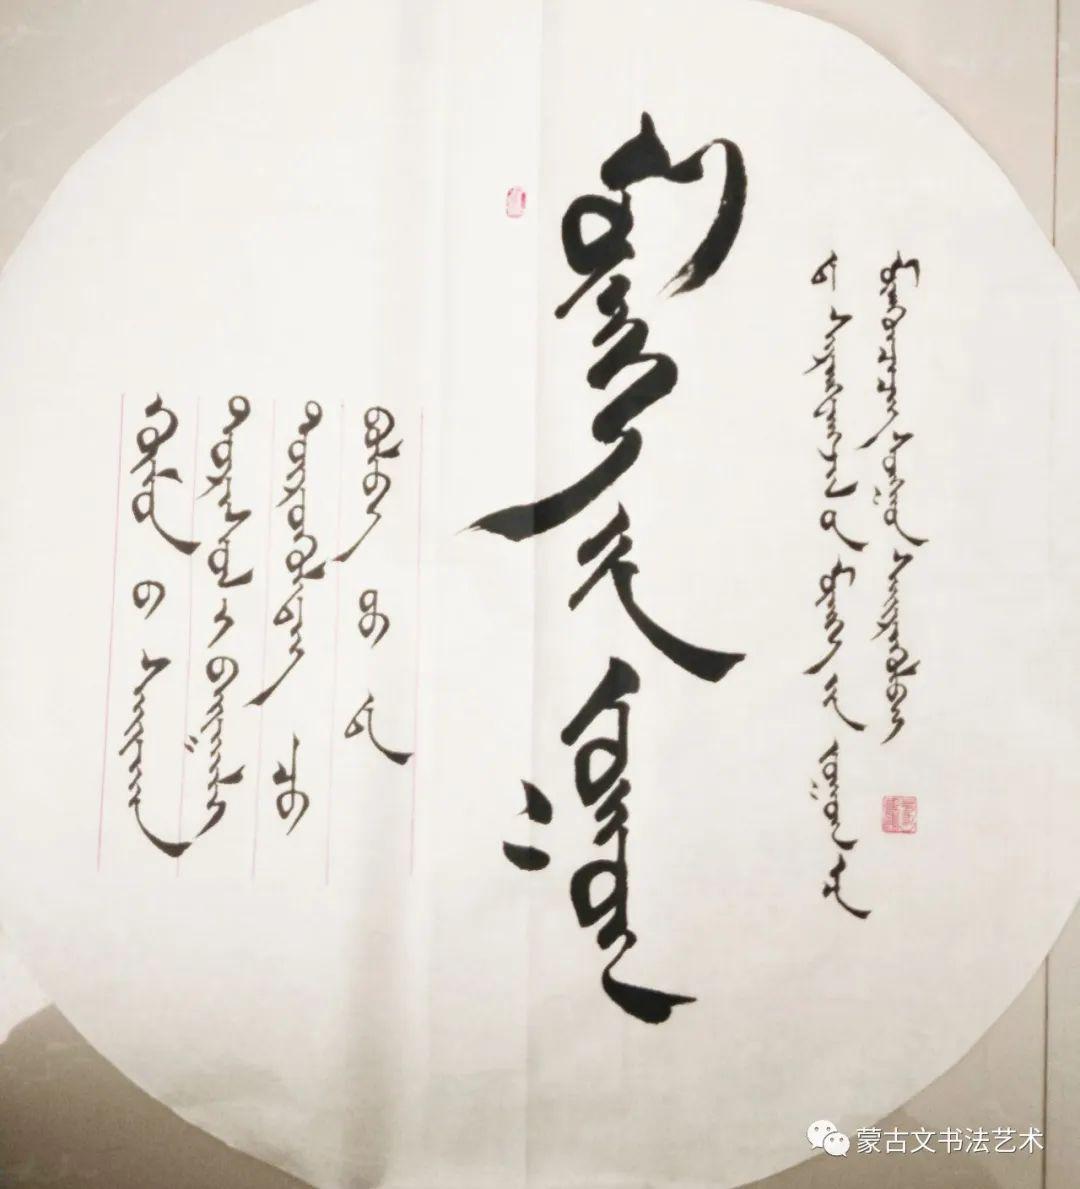 孟根其其格蒙古文书法(二) 第7张 孟根其其格蒙古文书法(二) 蒙古书法